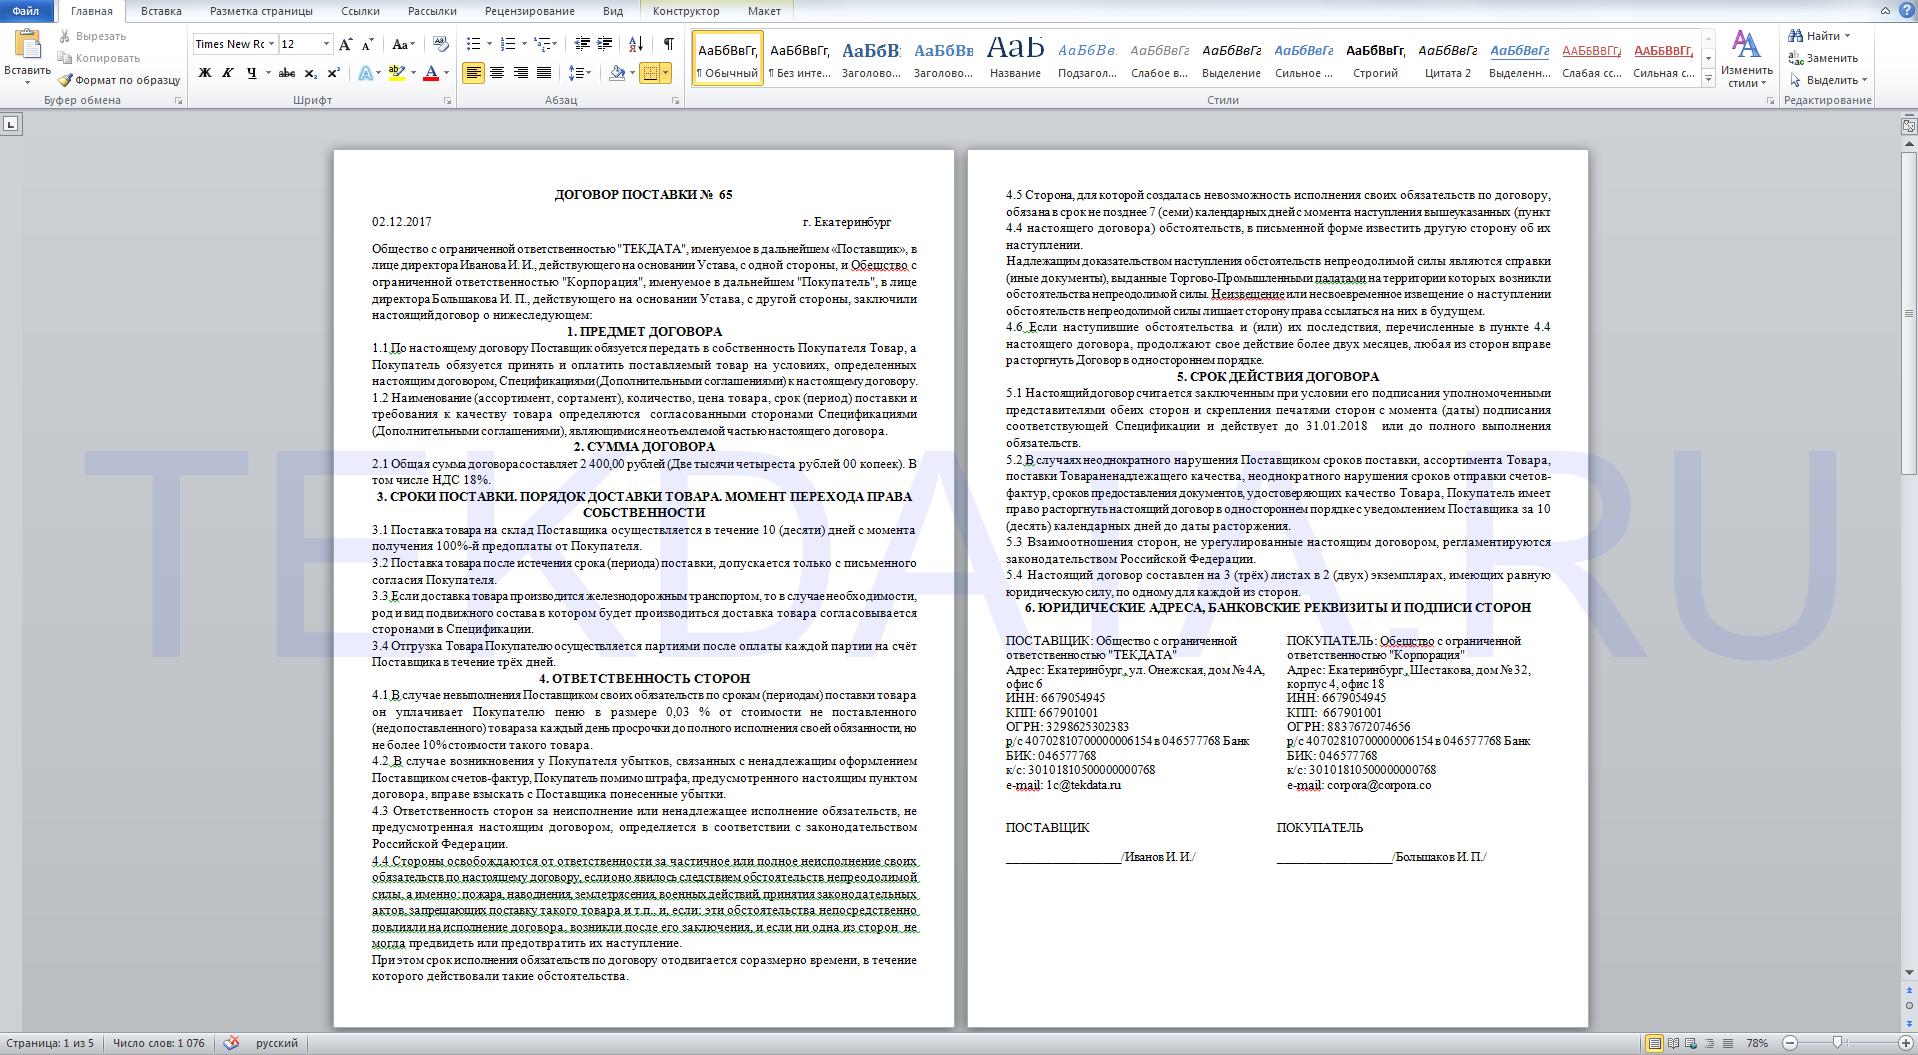 Универсальная форма договора в формате Word для 1С:Бухгалтерия Предприятия 3.0